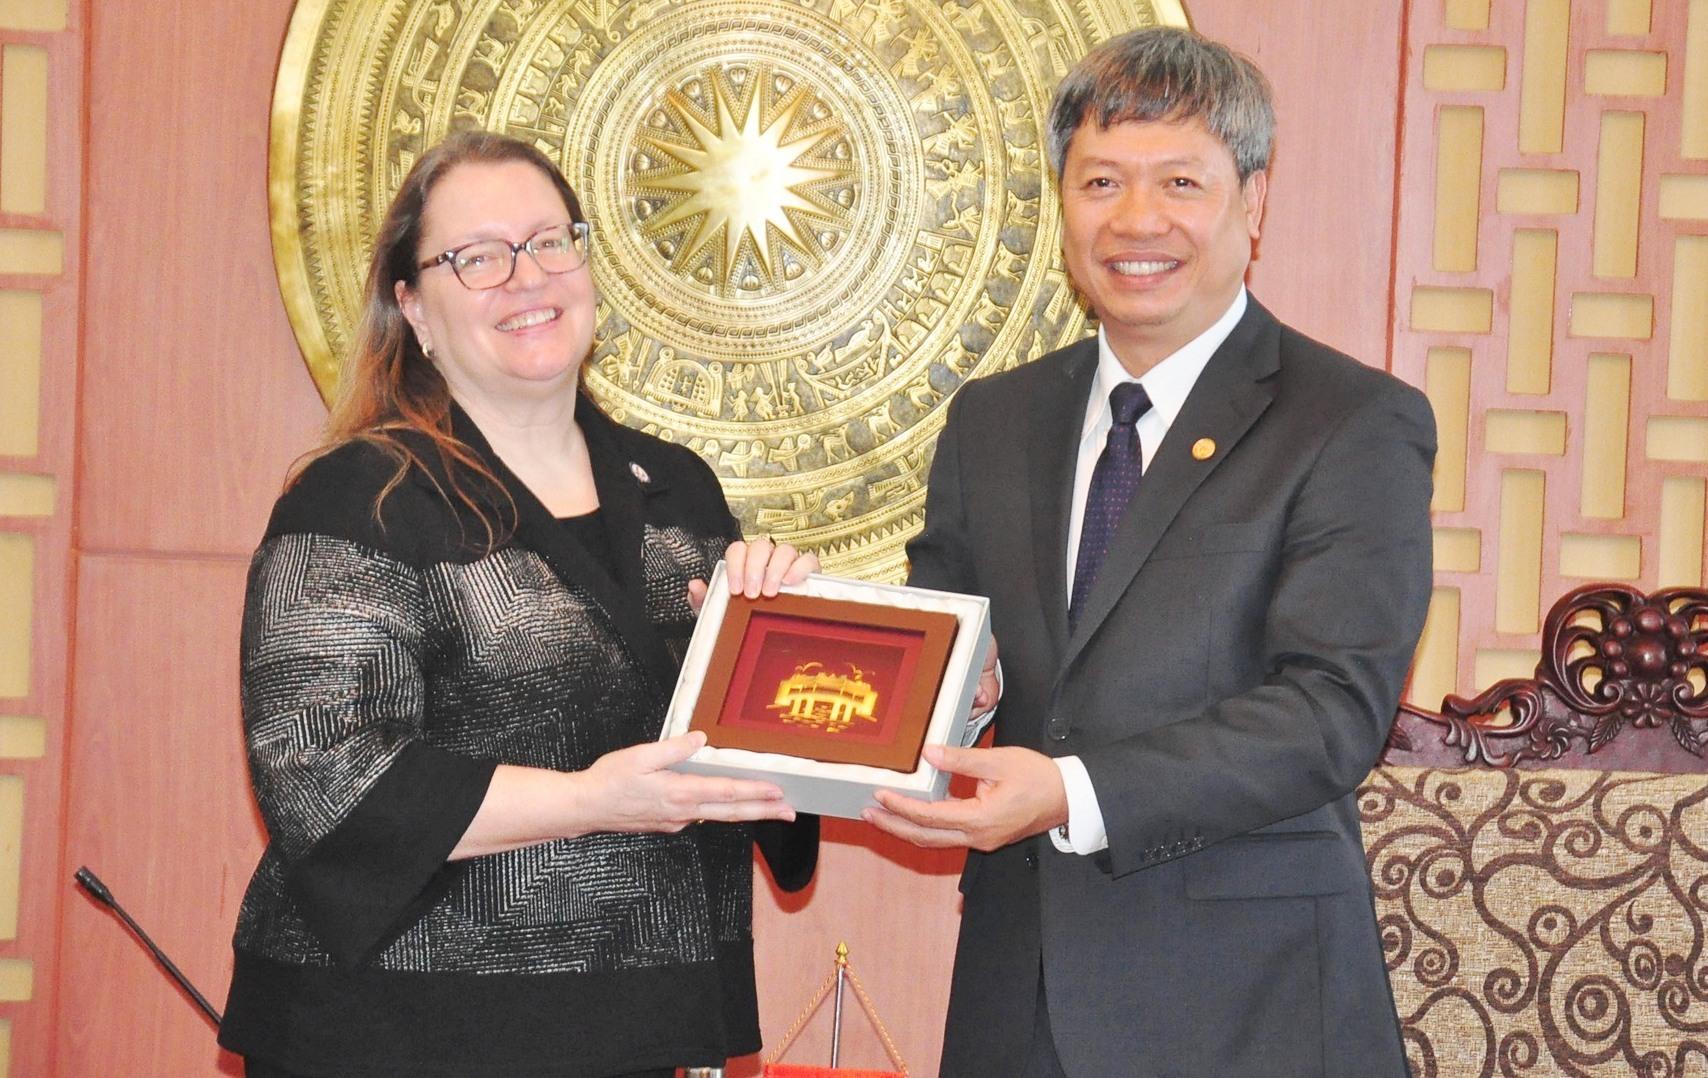 Phó Chủ tịch UBND tỉnh Hồ Quang Bửu tặng quà cho bà Mair C.Damour - Tổng lãnh sự quán Hoa Kỳ